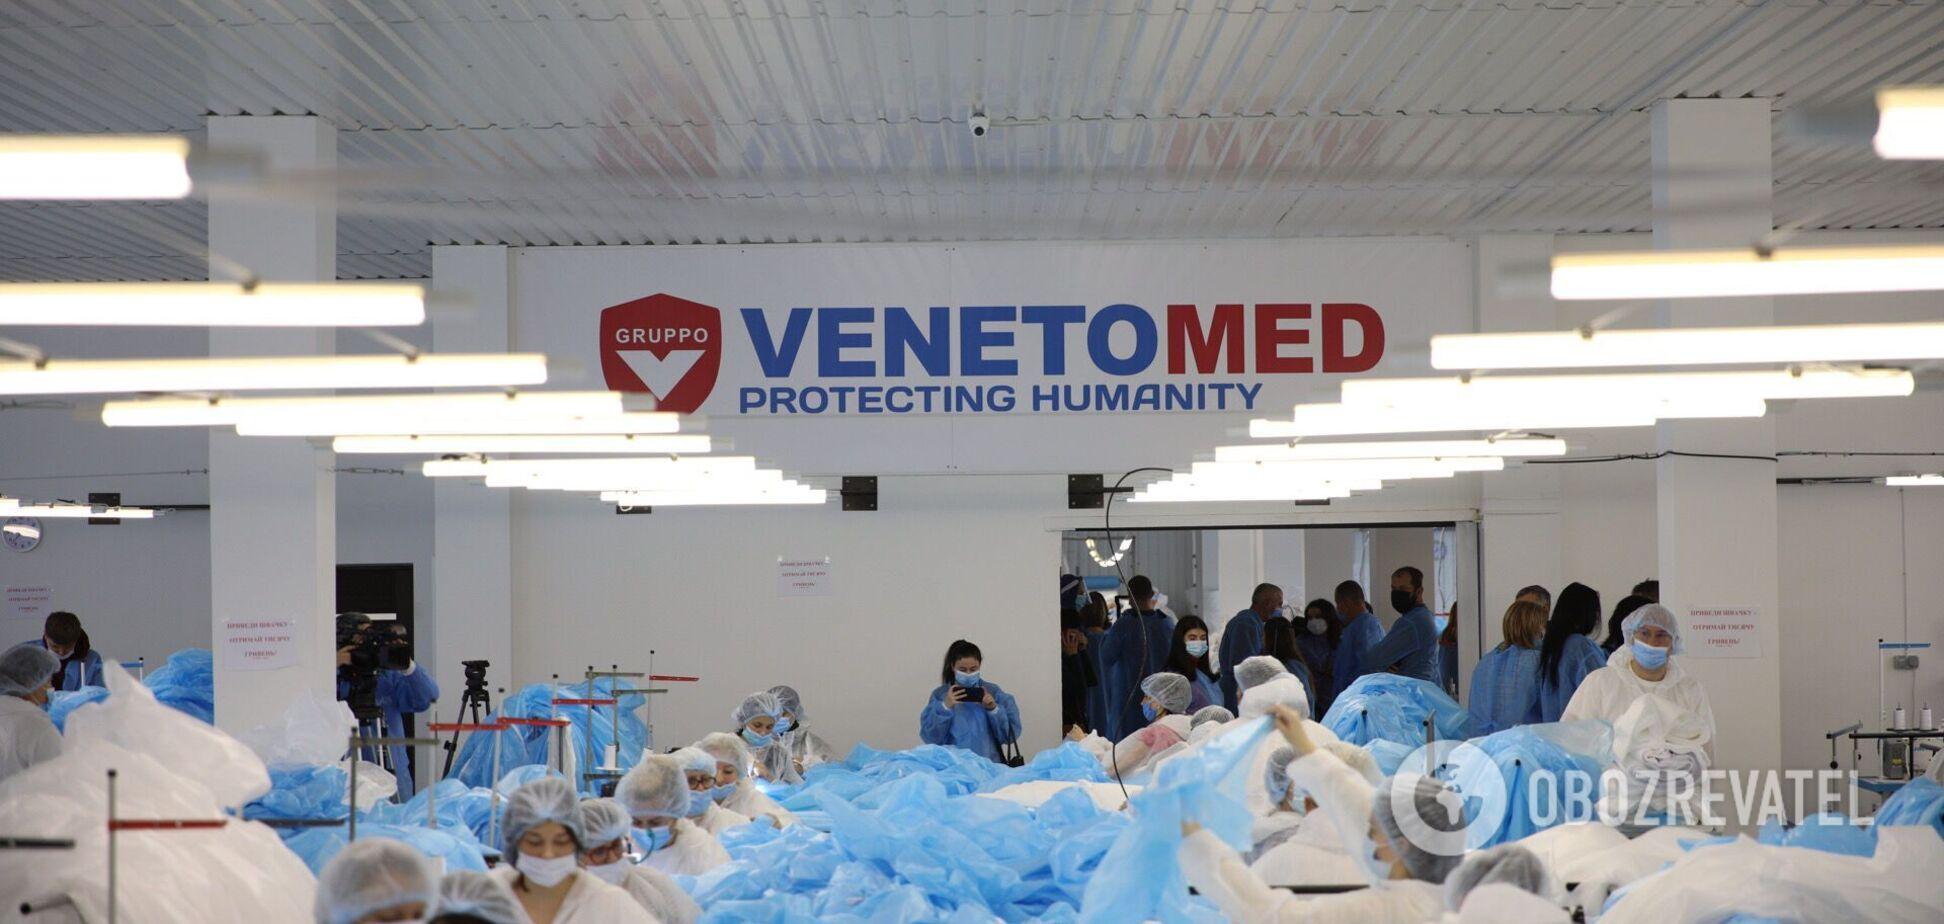 VENETOMED развернул серийное производство спецодежды для медиков